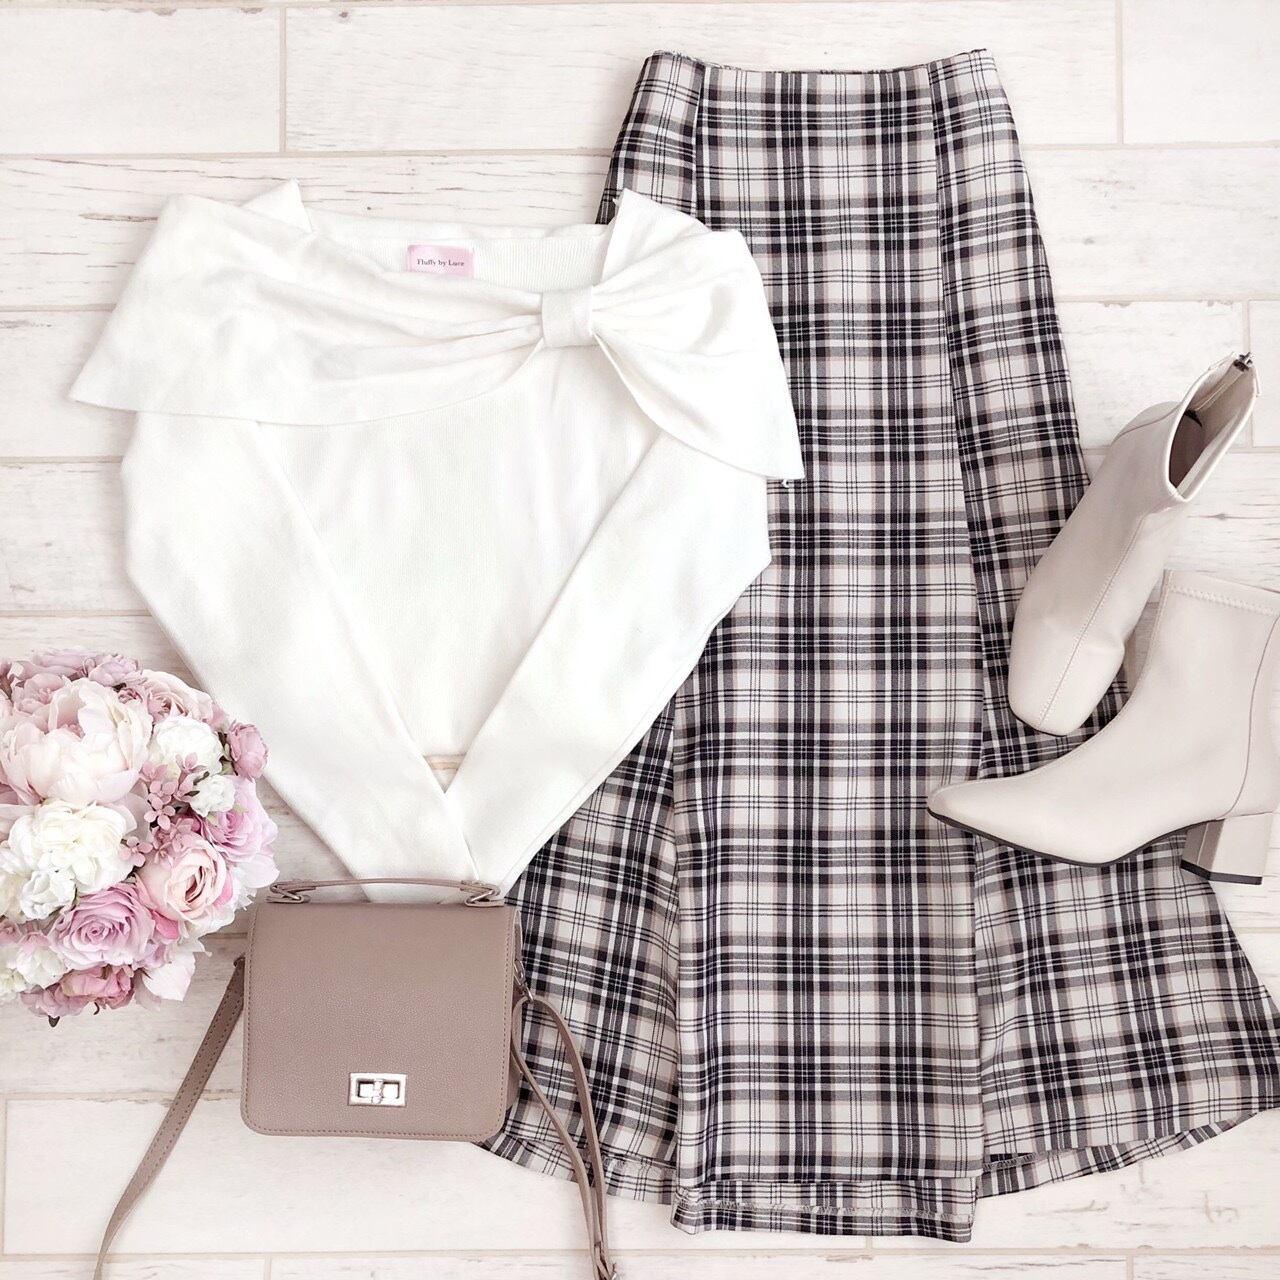 【Fluffy】タータンチェックマーメイドスカート